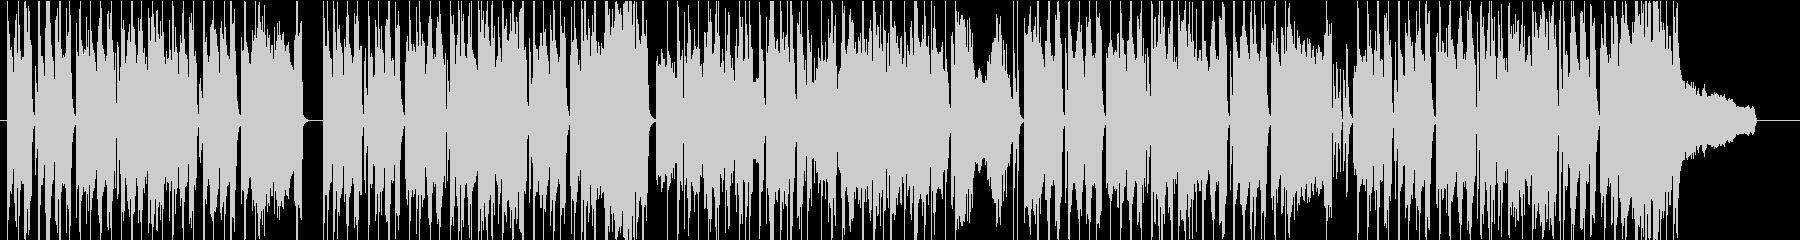 アニメ のんびり 48kHzの未再生の波形